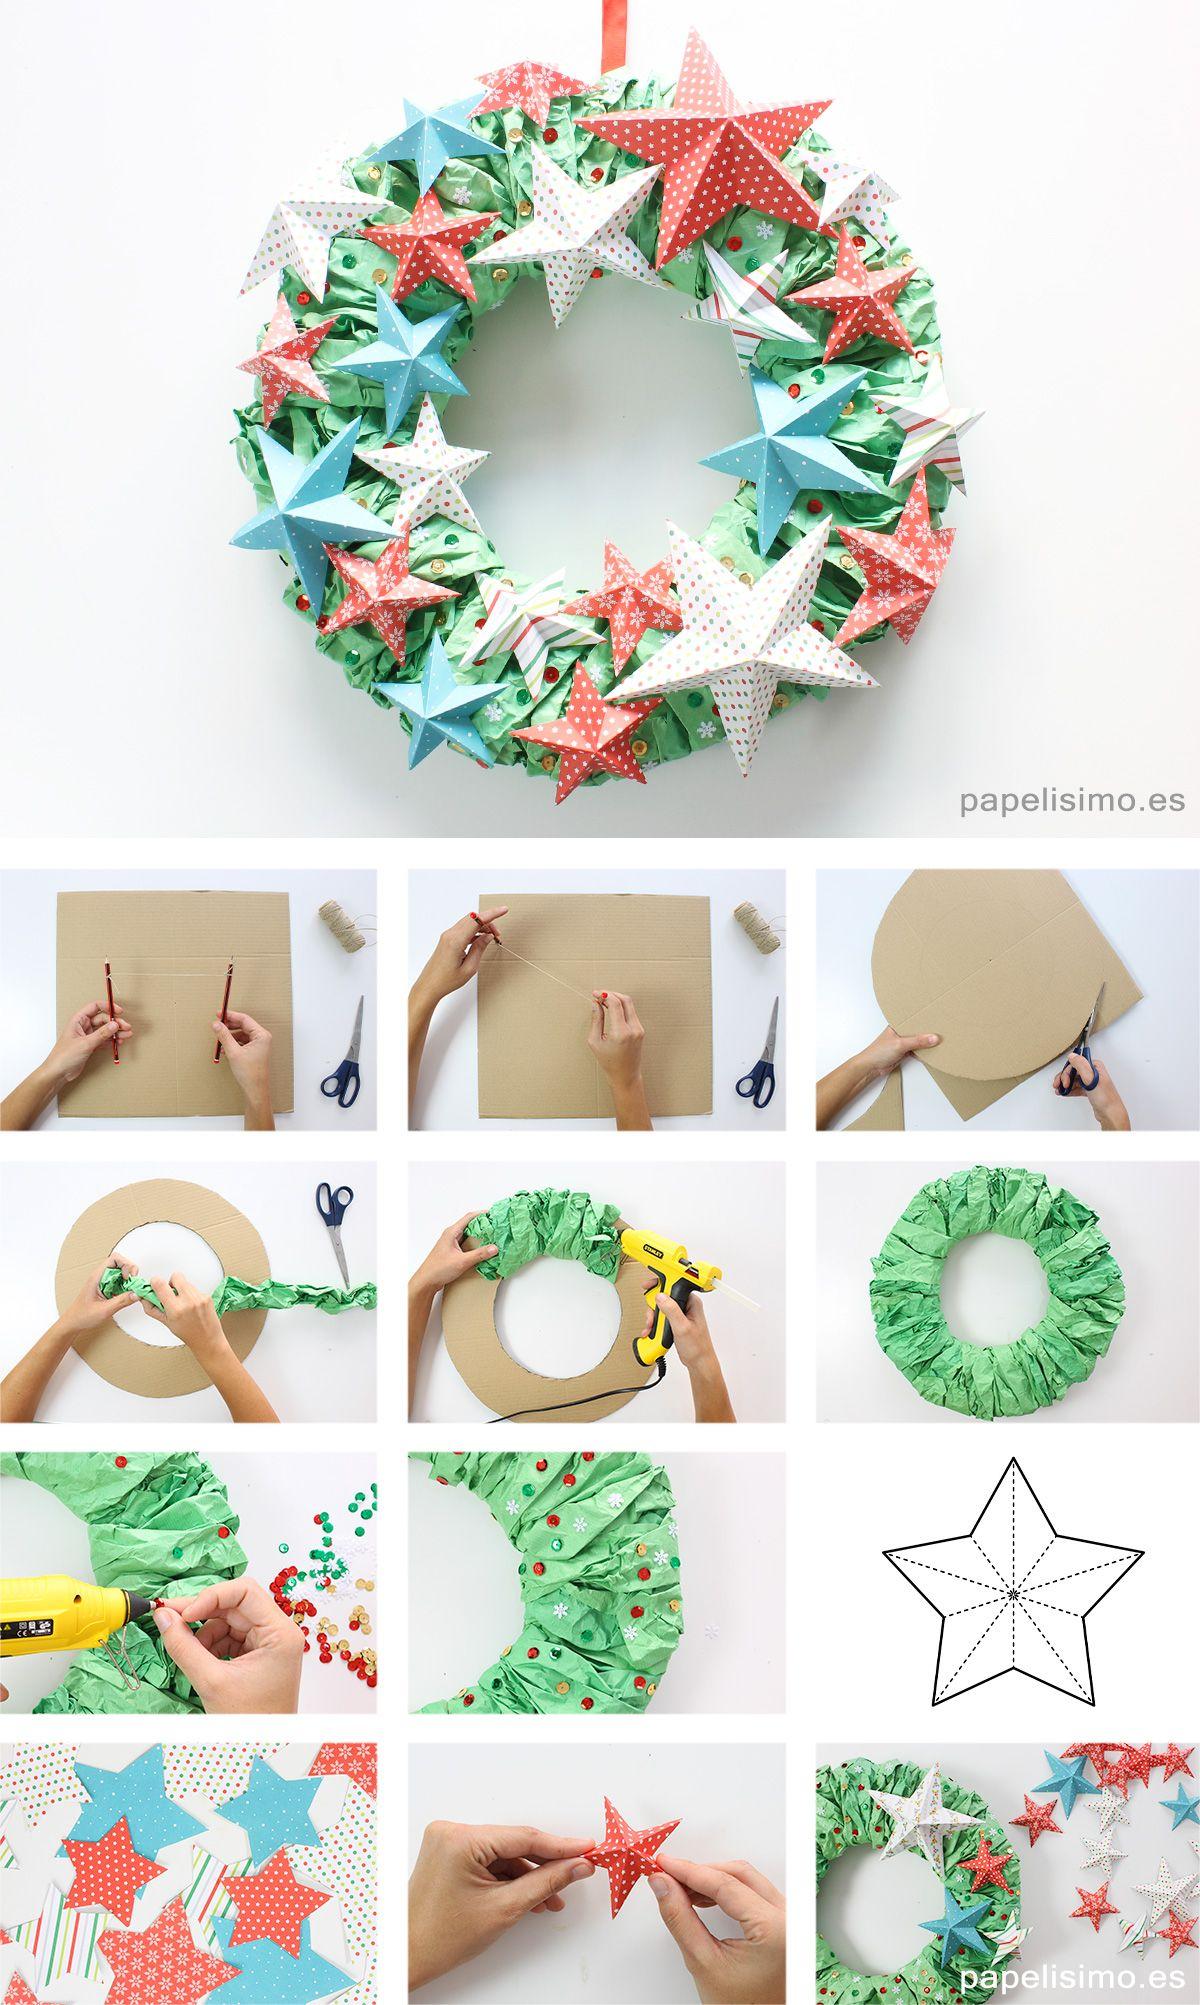 Corona de navidad adviento paso a paso diy paper christmas for Adornos navidenos origami paso a paso